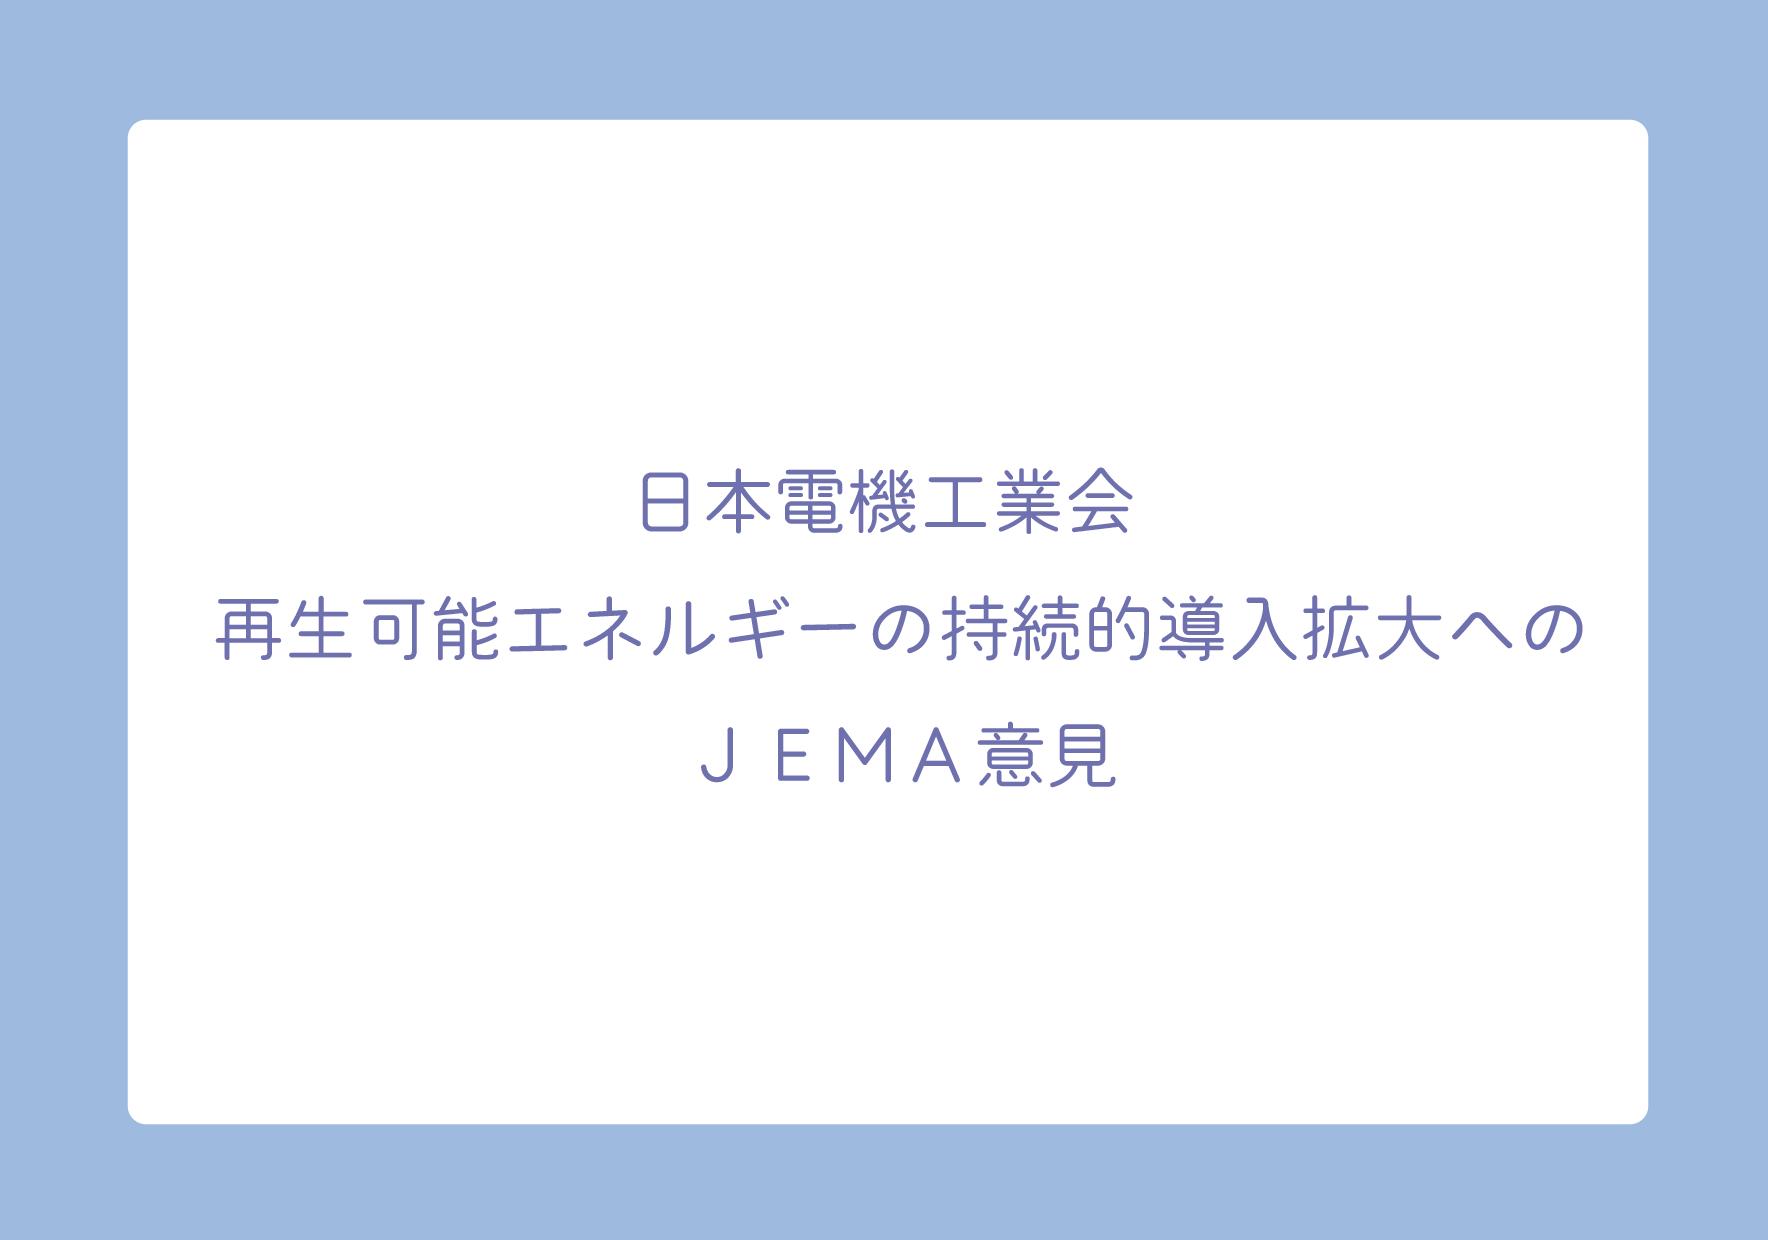 日本電機工業会 再生可能エネルギーの持続的導入拡大へのJEMA意見の画像